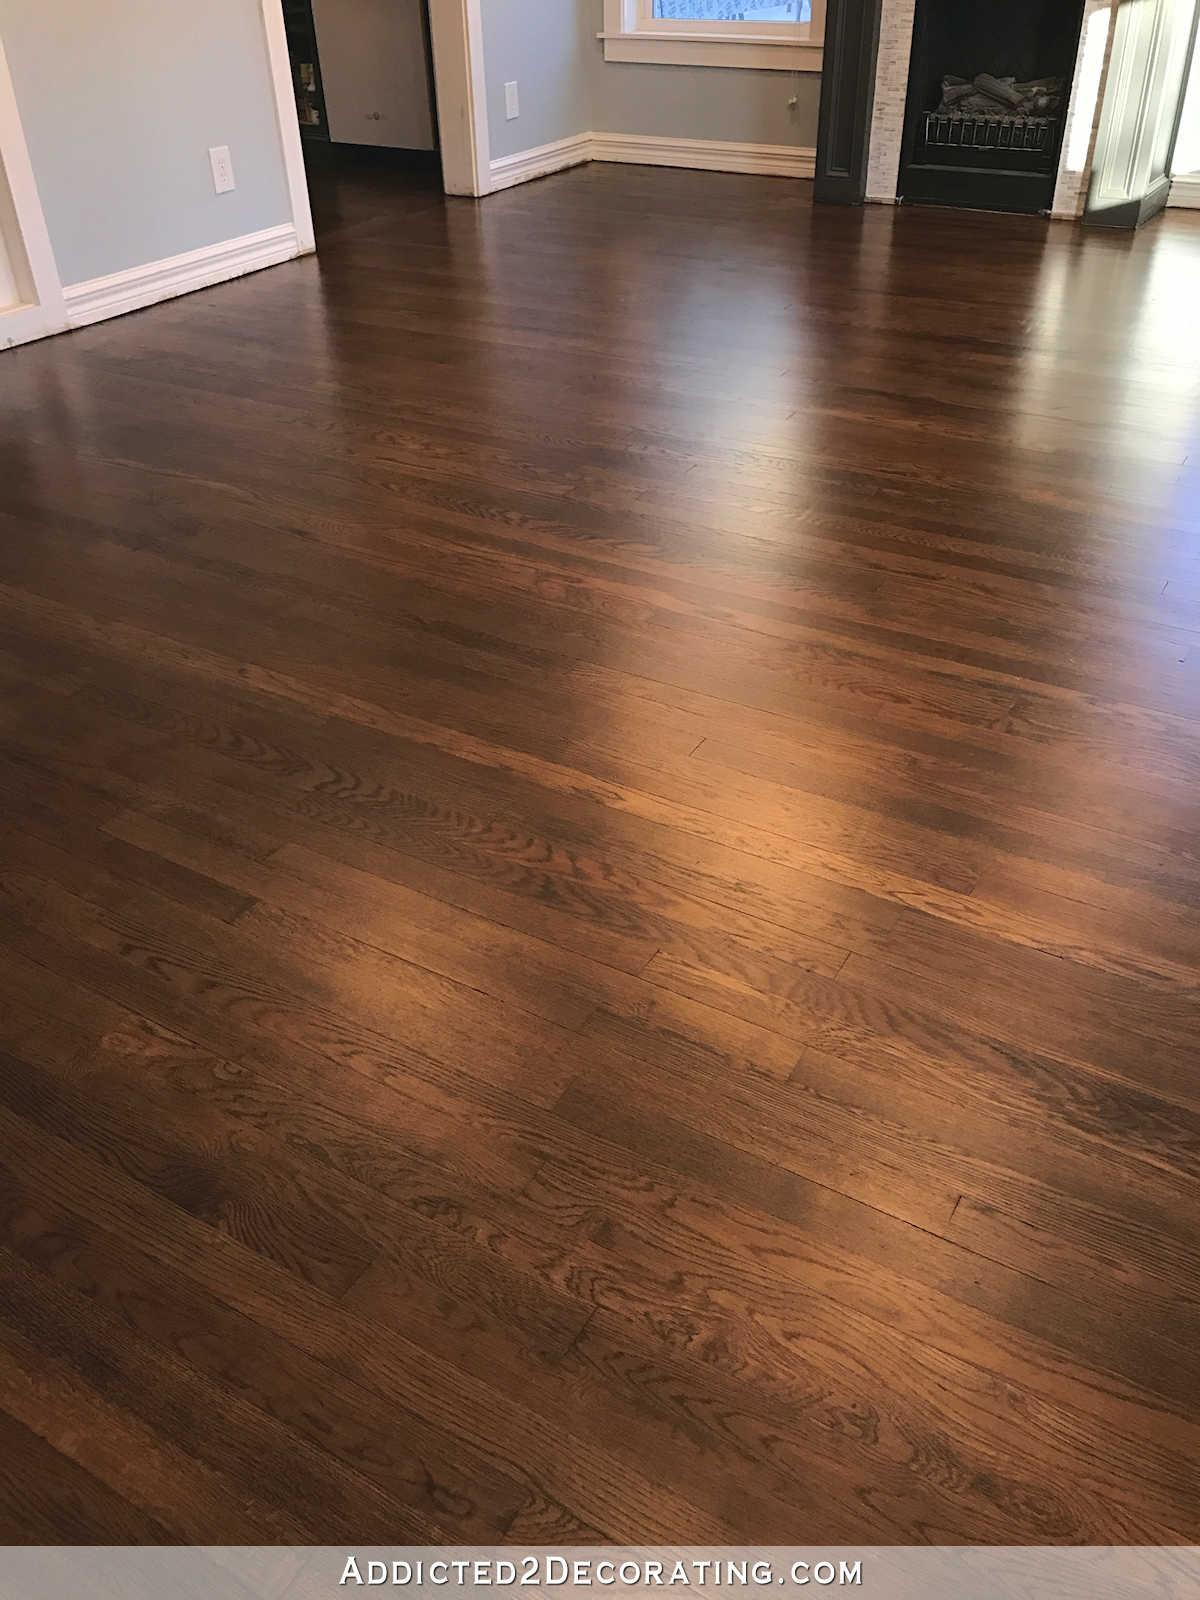 oak flooring refinished red oak hardwood floors - entryway and living room FHTMBFG